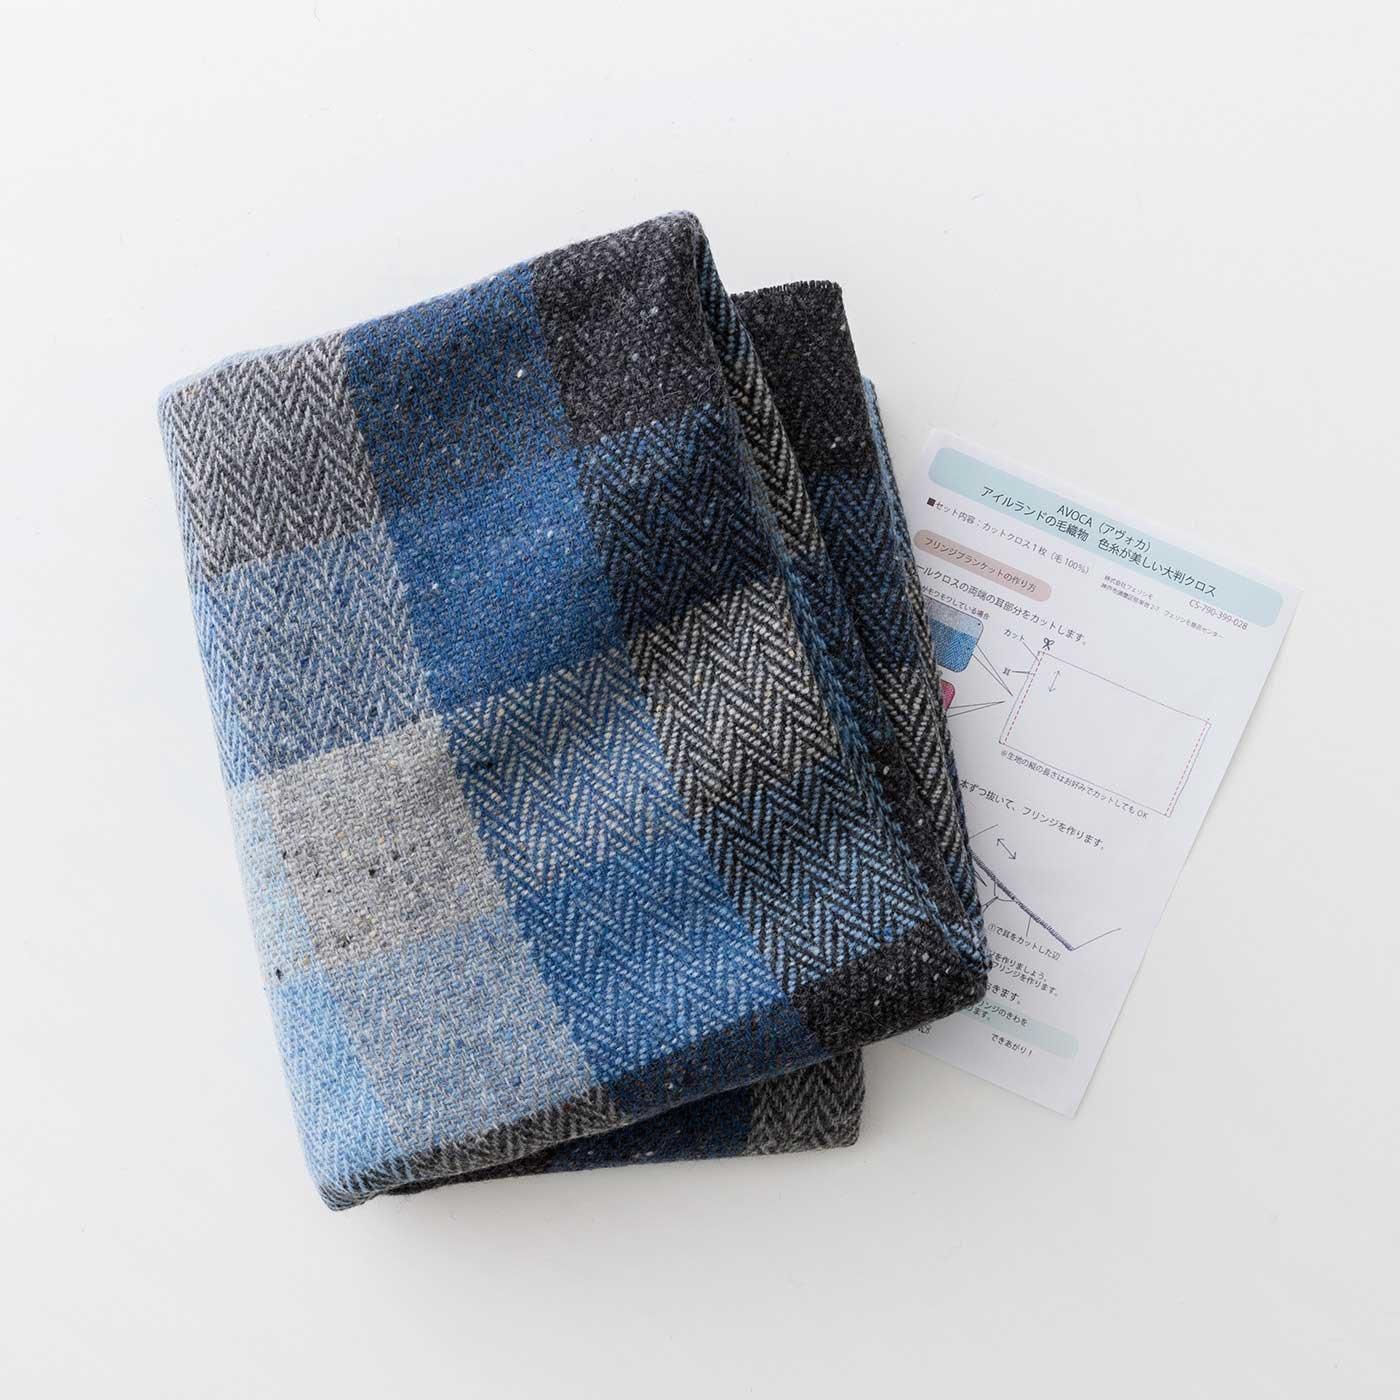 AVOCA(アヴォカ)アイルランドの毛織物 色糸が美しい大判クロス